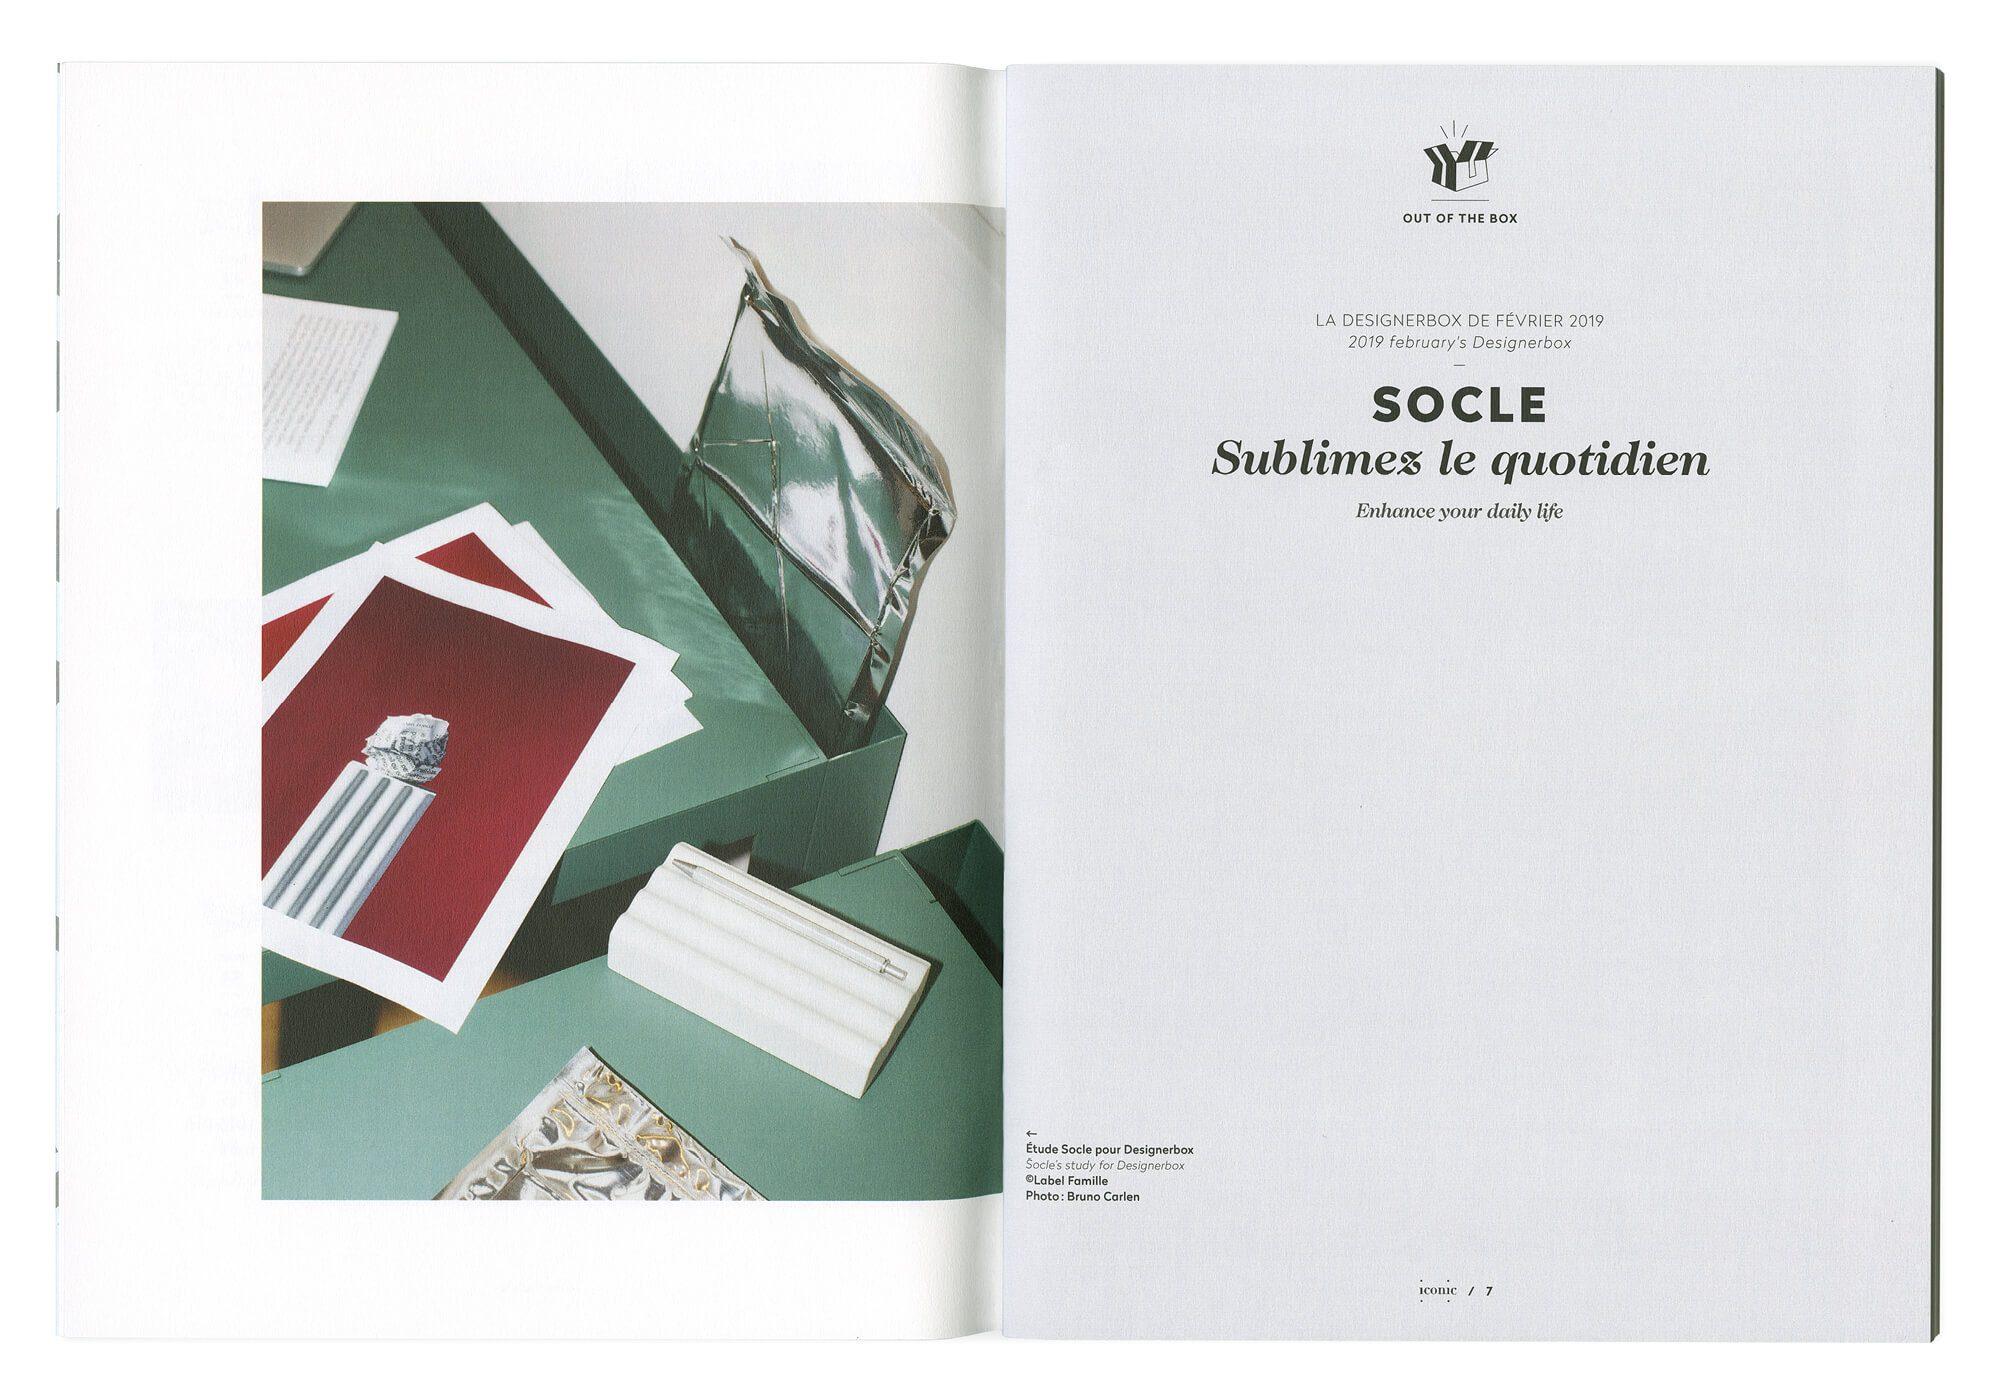 ouverture d'article avec photographie, design éditorial et illustration par le studio Ich&Kar